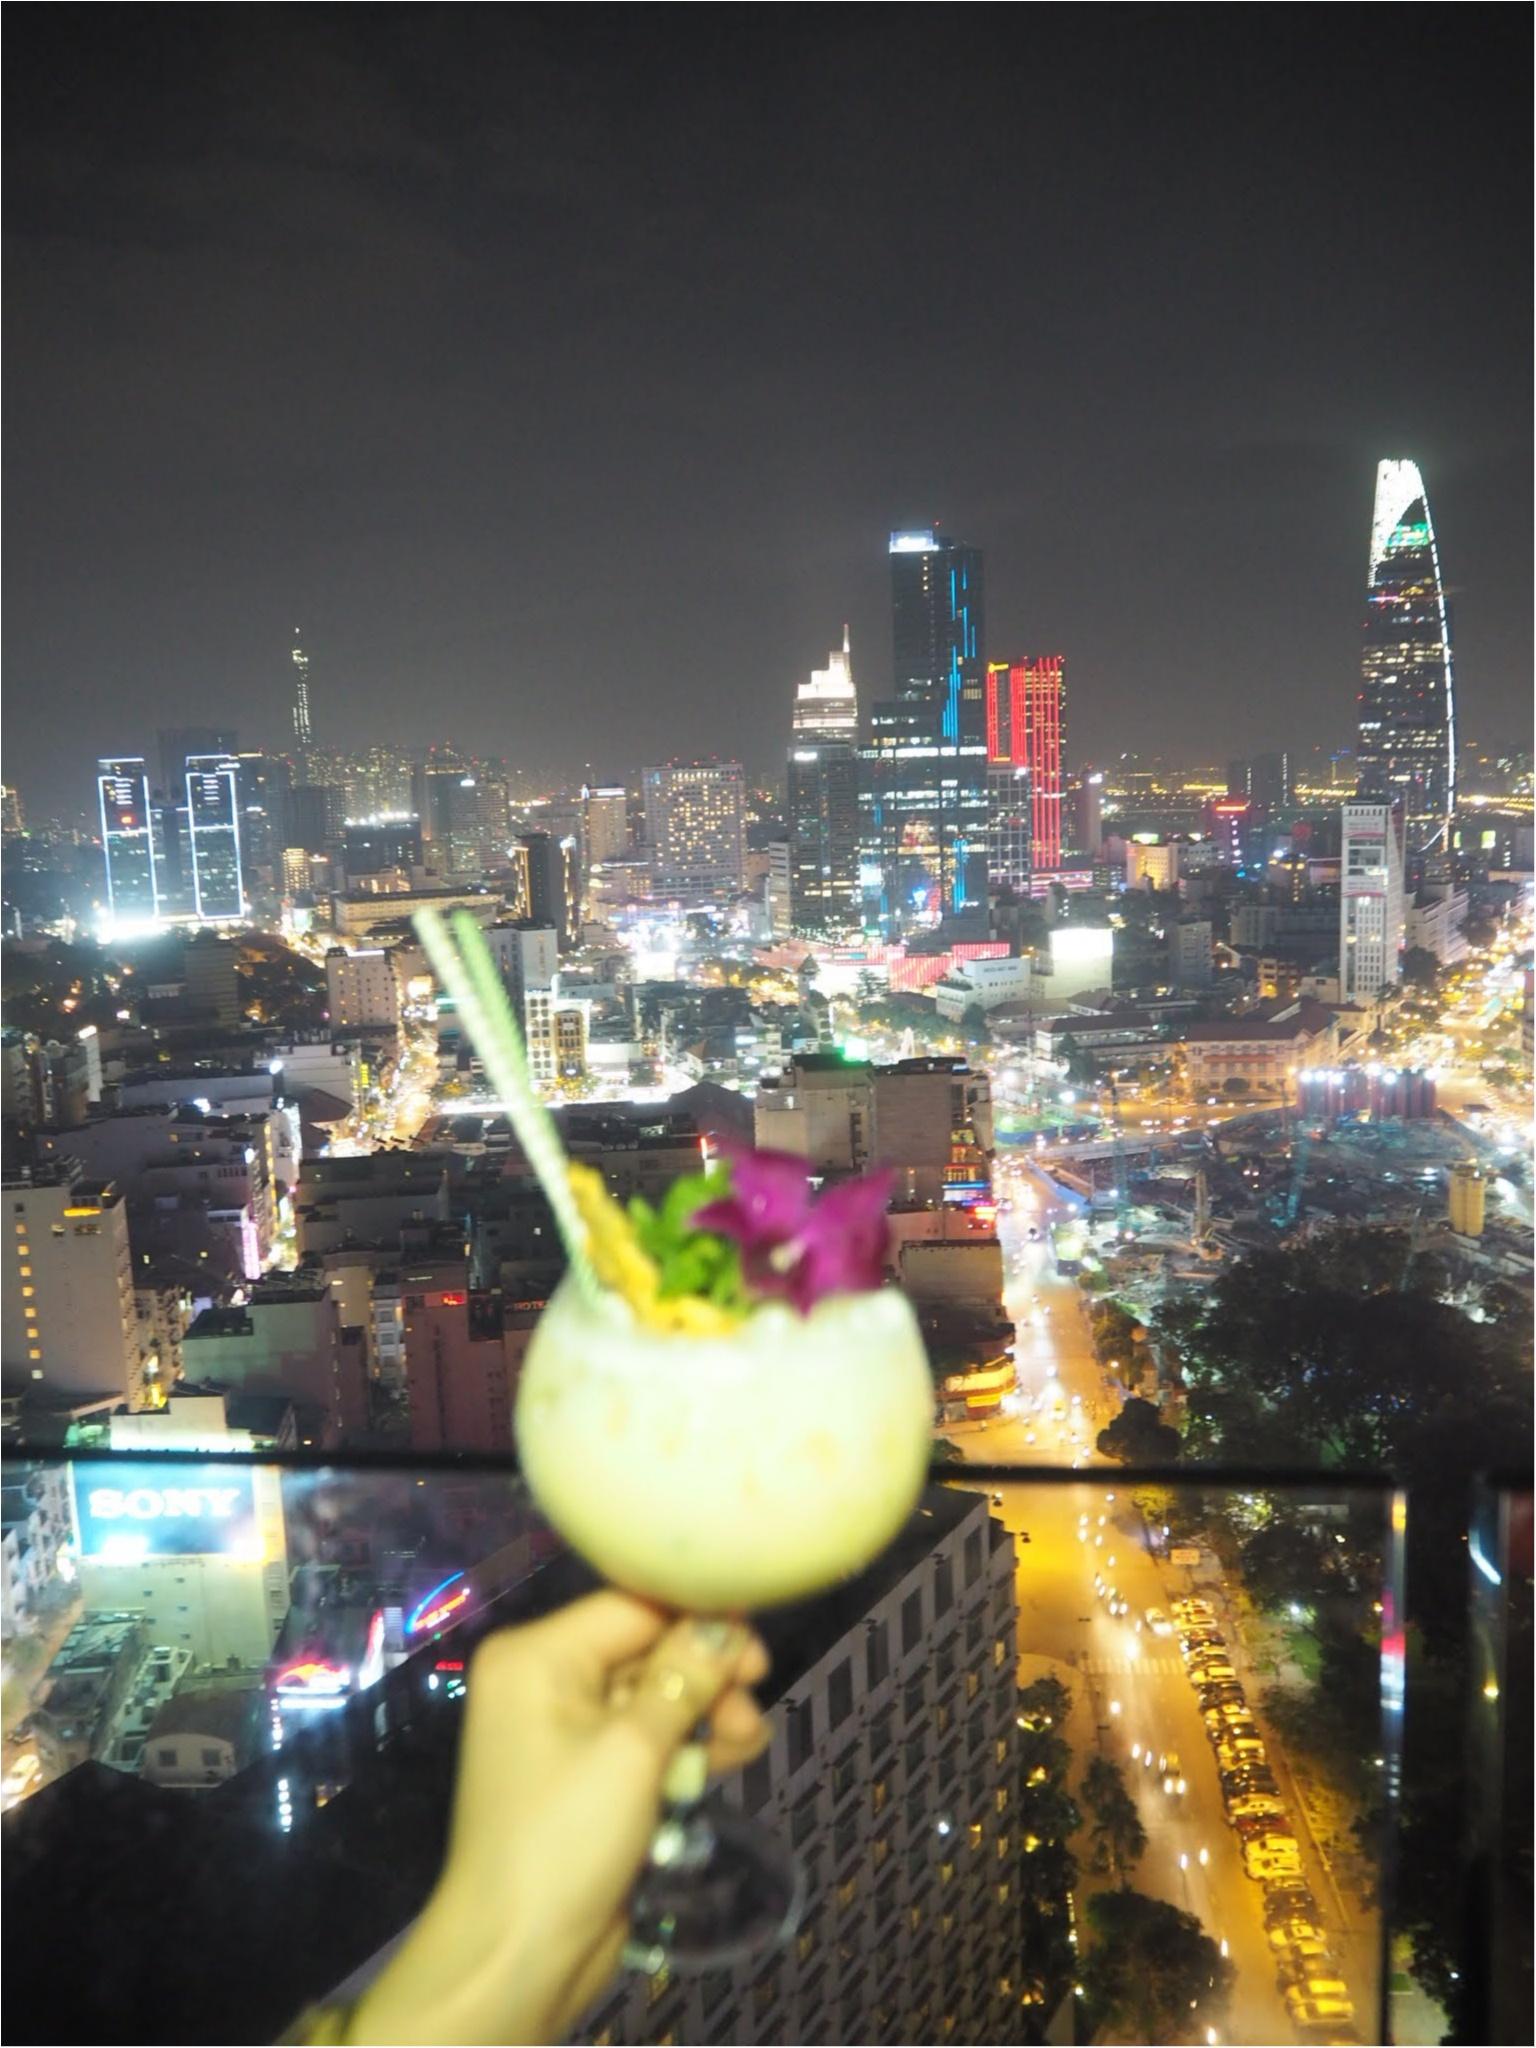 韓国、グアム、バリ、ドバイ・・・・・・フォトジェニックな女子旅は「タビジョツアー」で叶います♡_13